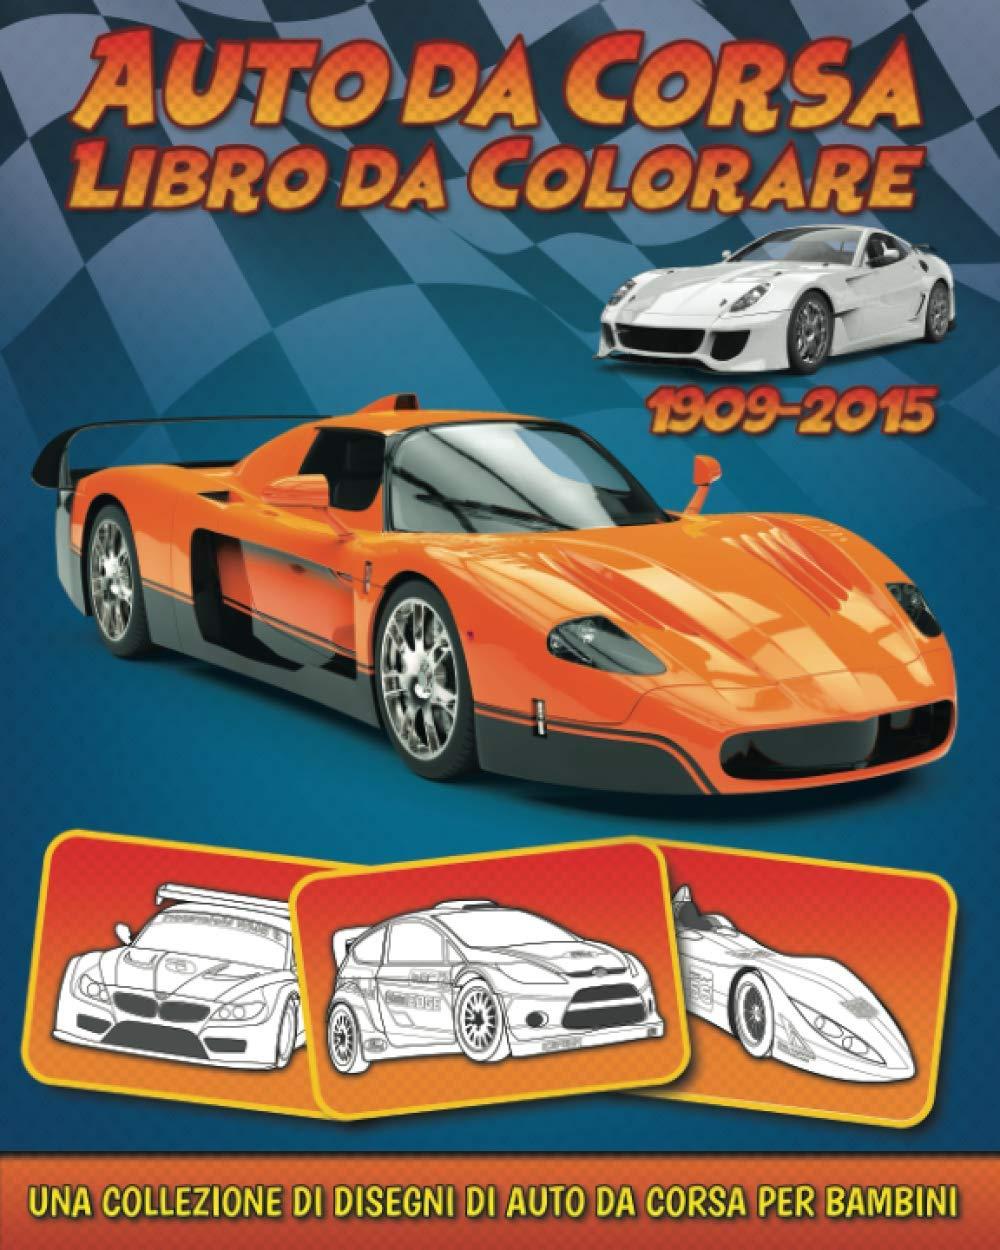 Auto Da Corsa Libro Da Colorare Una Collezione Di Disegni Di Auto Da Corsa Per Bambini Italian Edition Editore Bookcreators 9781093573442 Amazon Com Books